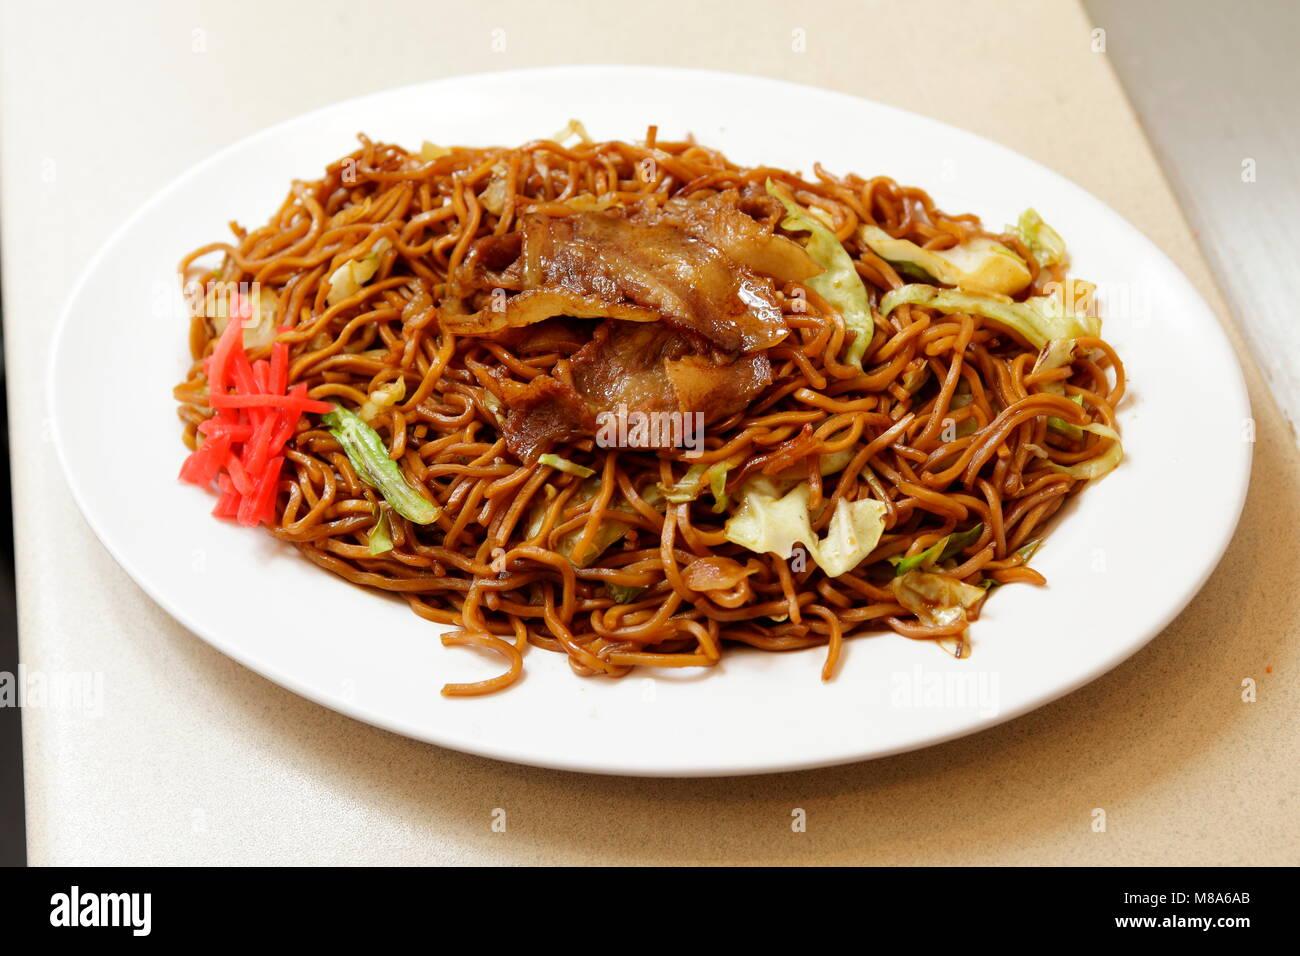 Yakisoba Seto Cuisine (Fried Noodles) - Stock Image